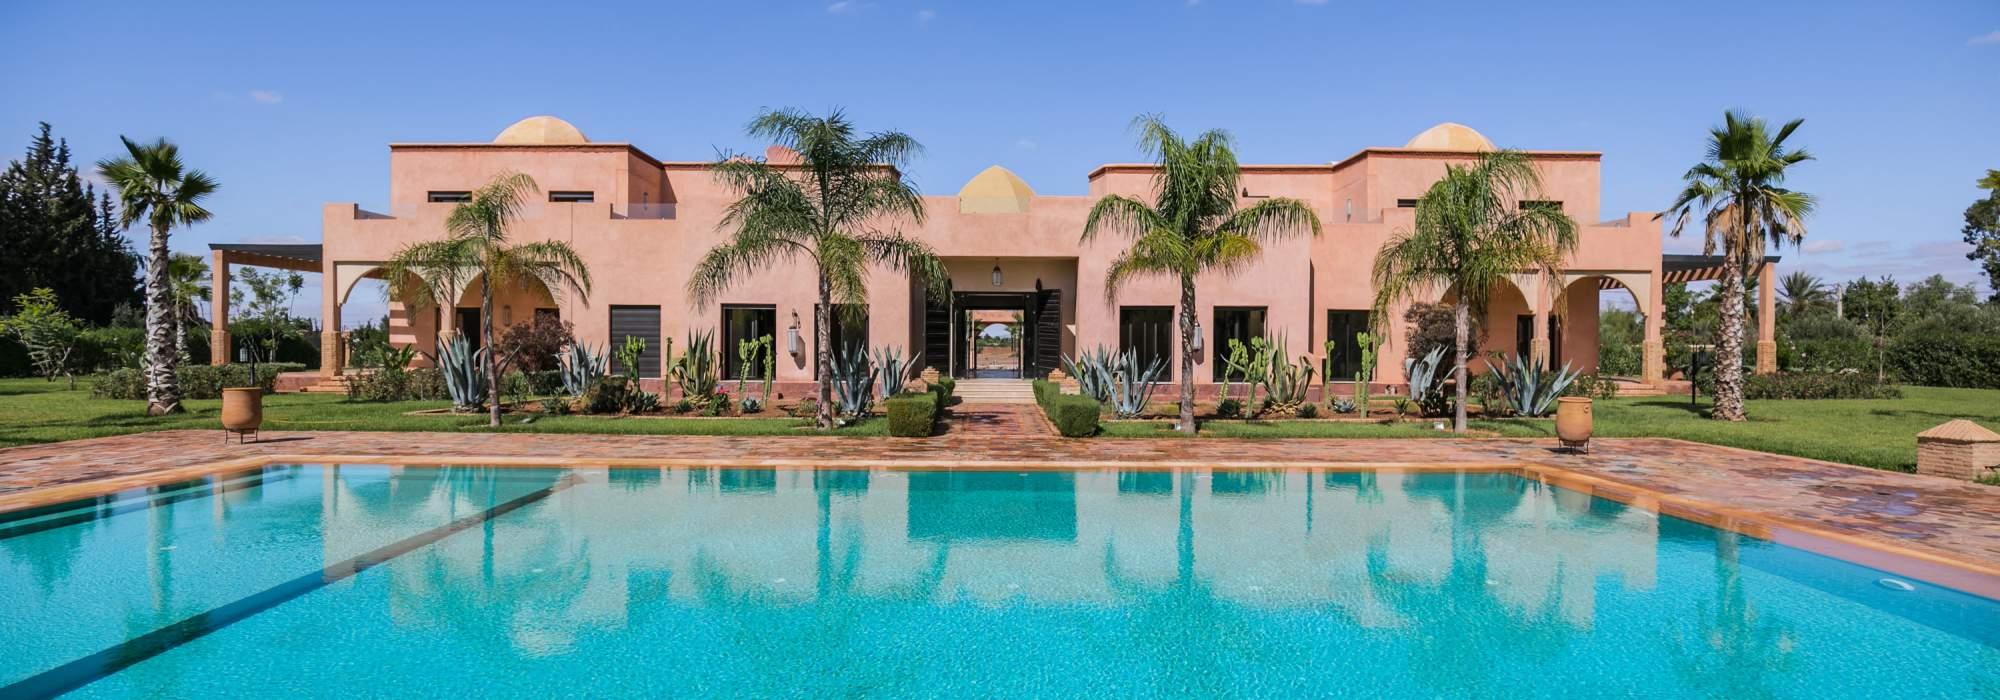 villa marocain a vendre école américaine marrakech